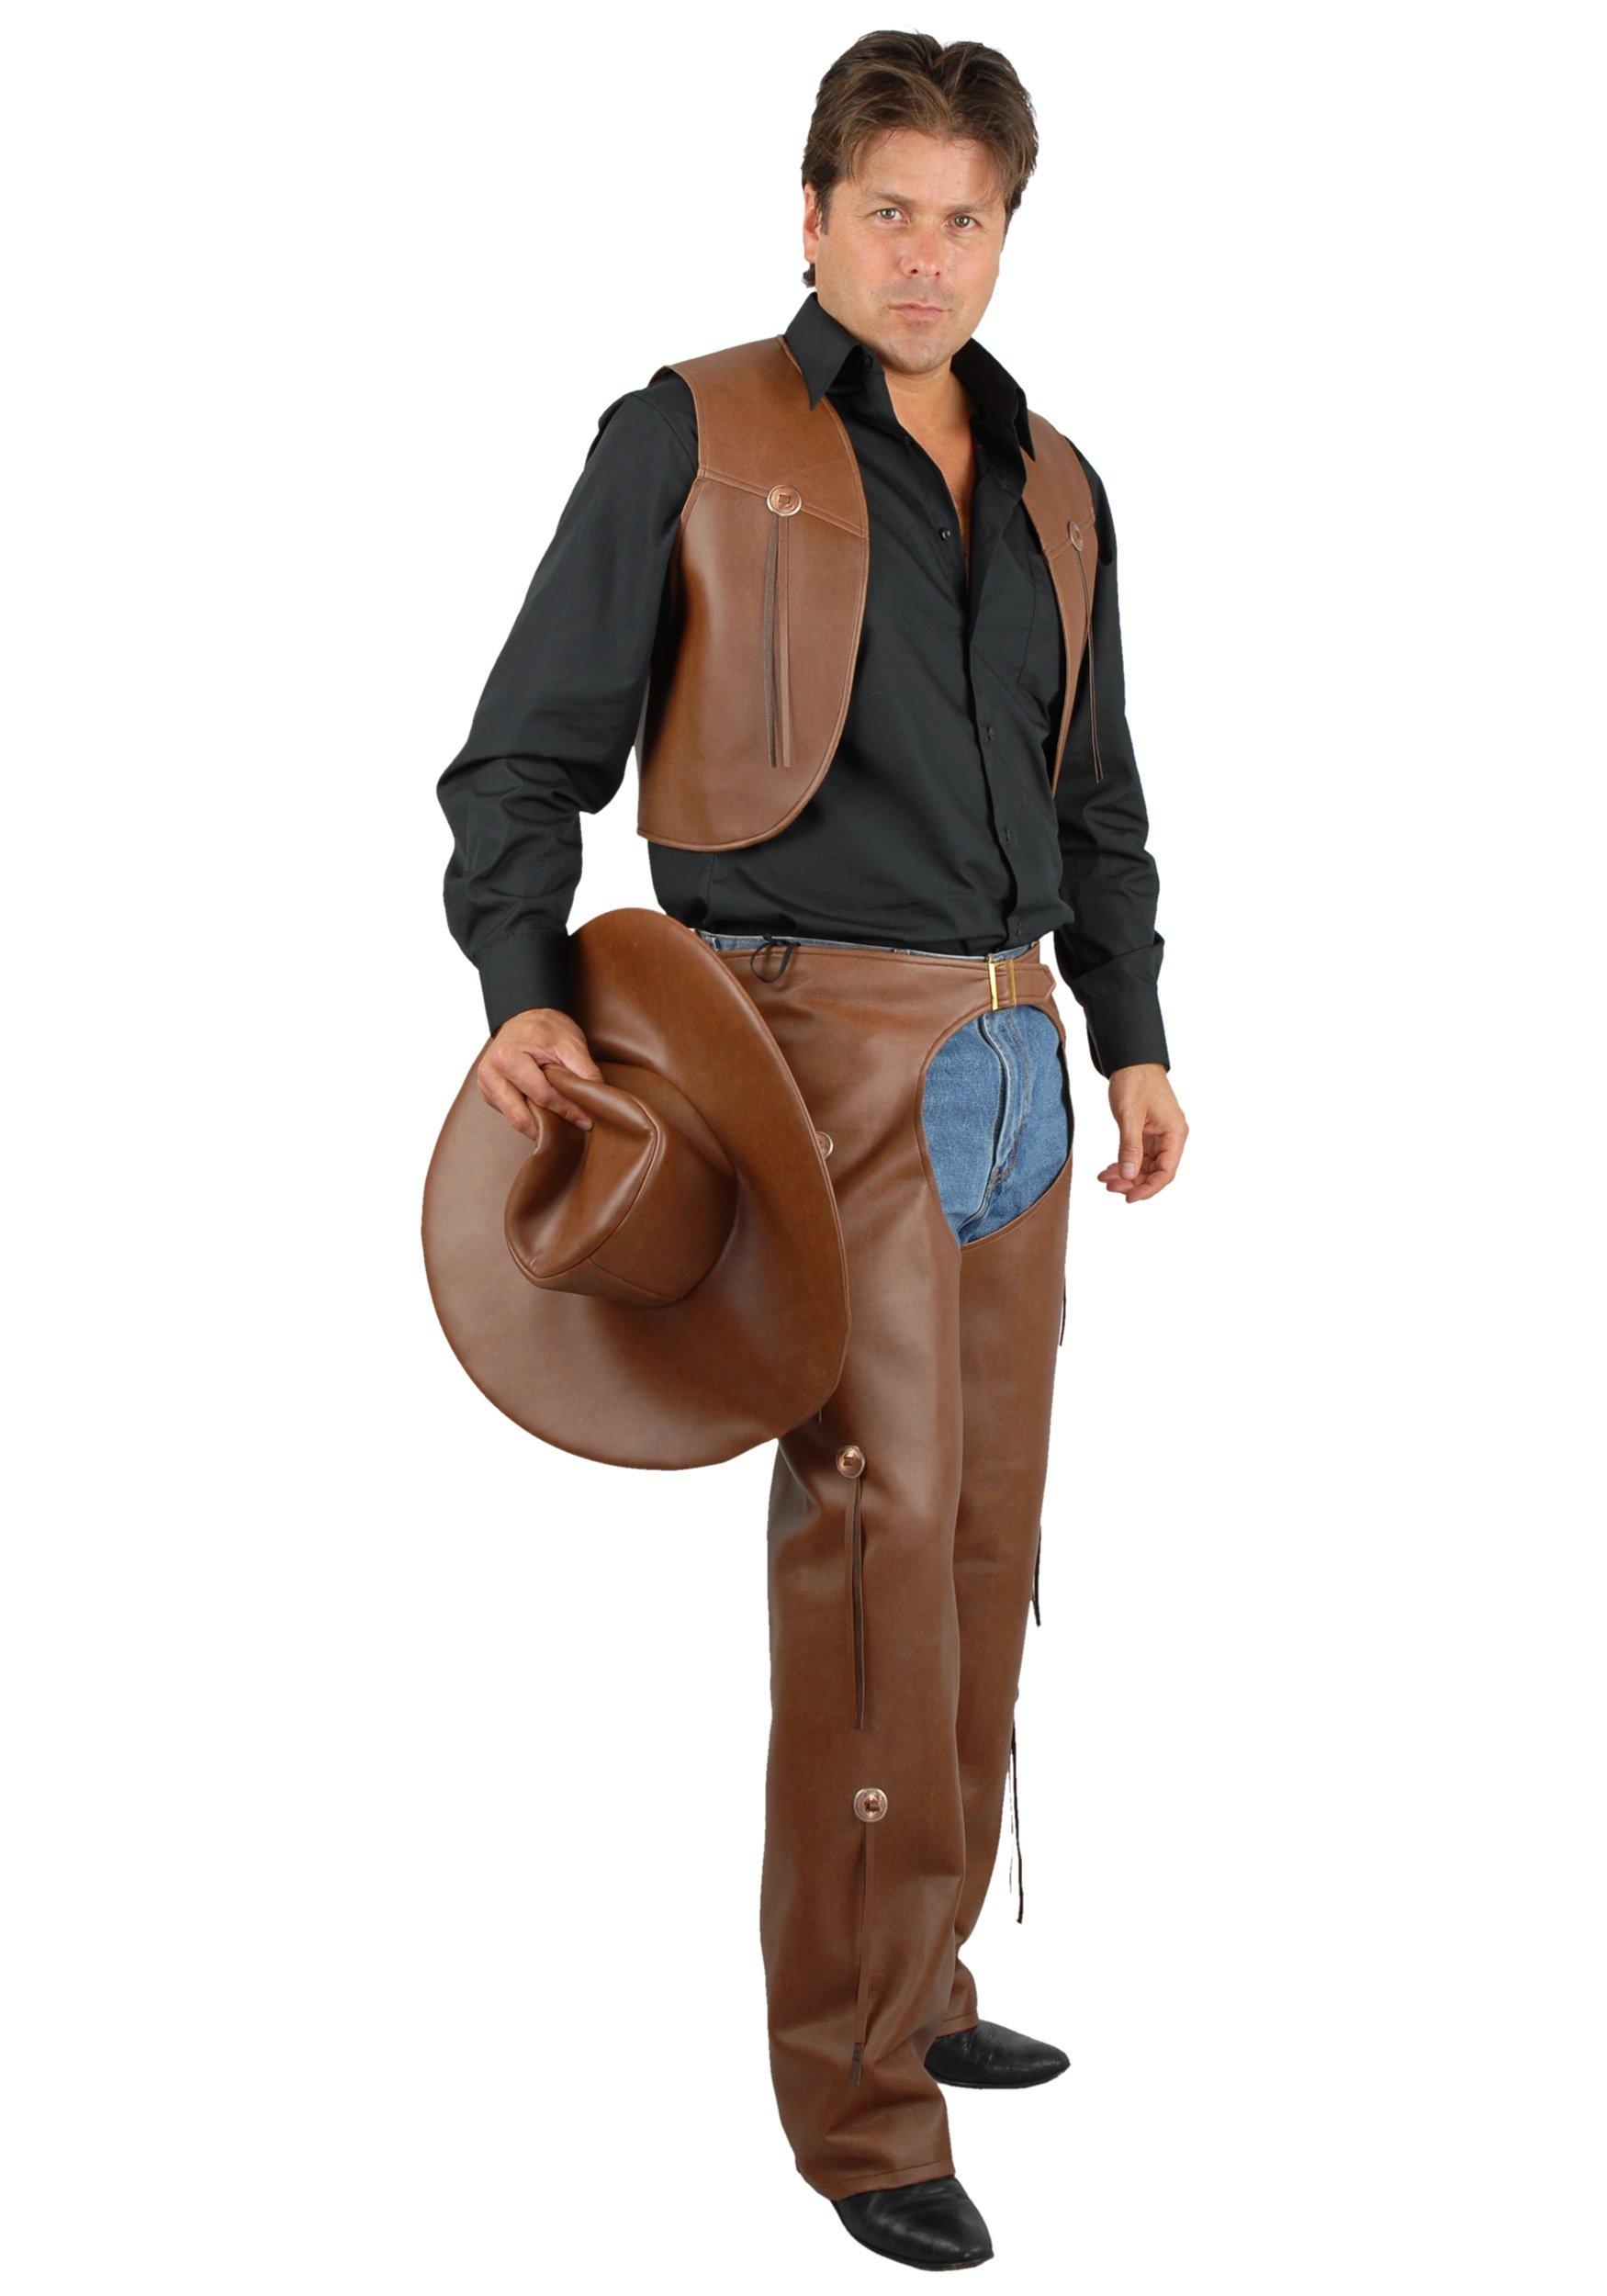 Men's Brown Chaps and Vest - XL